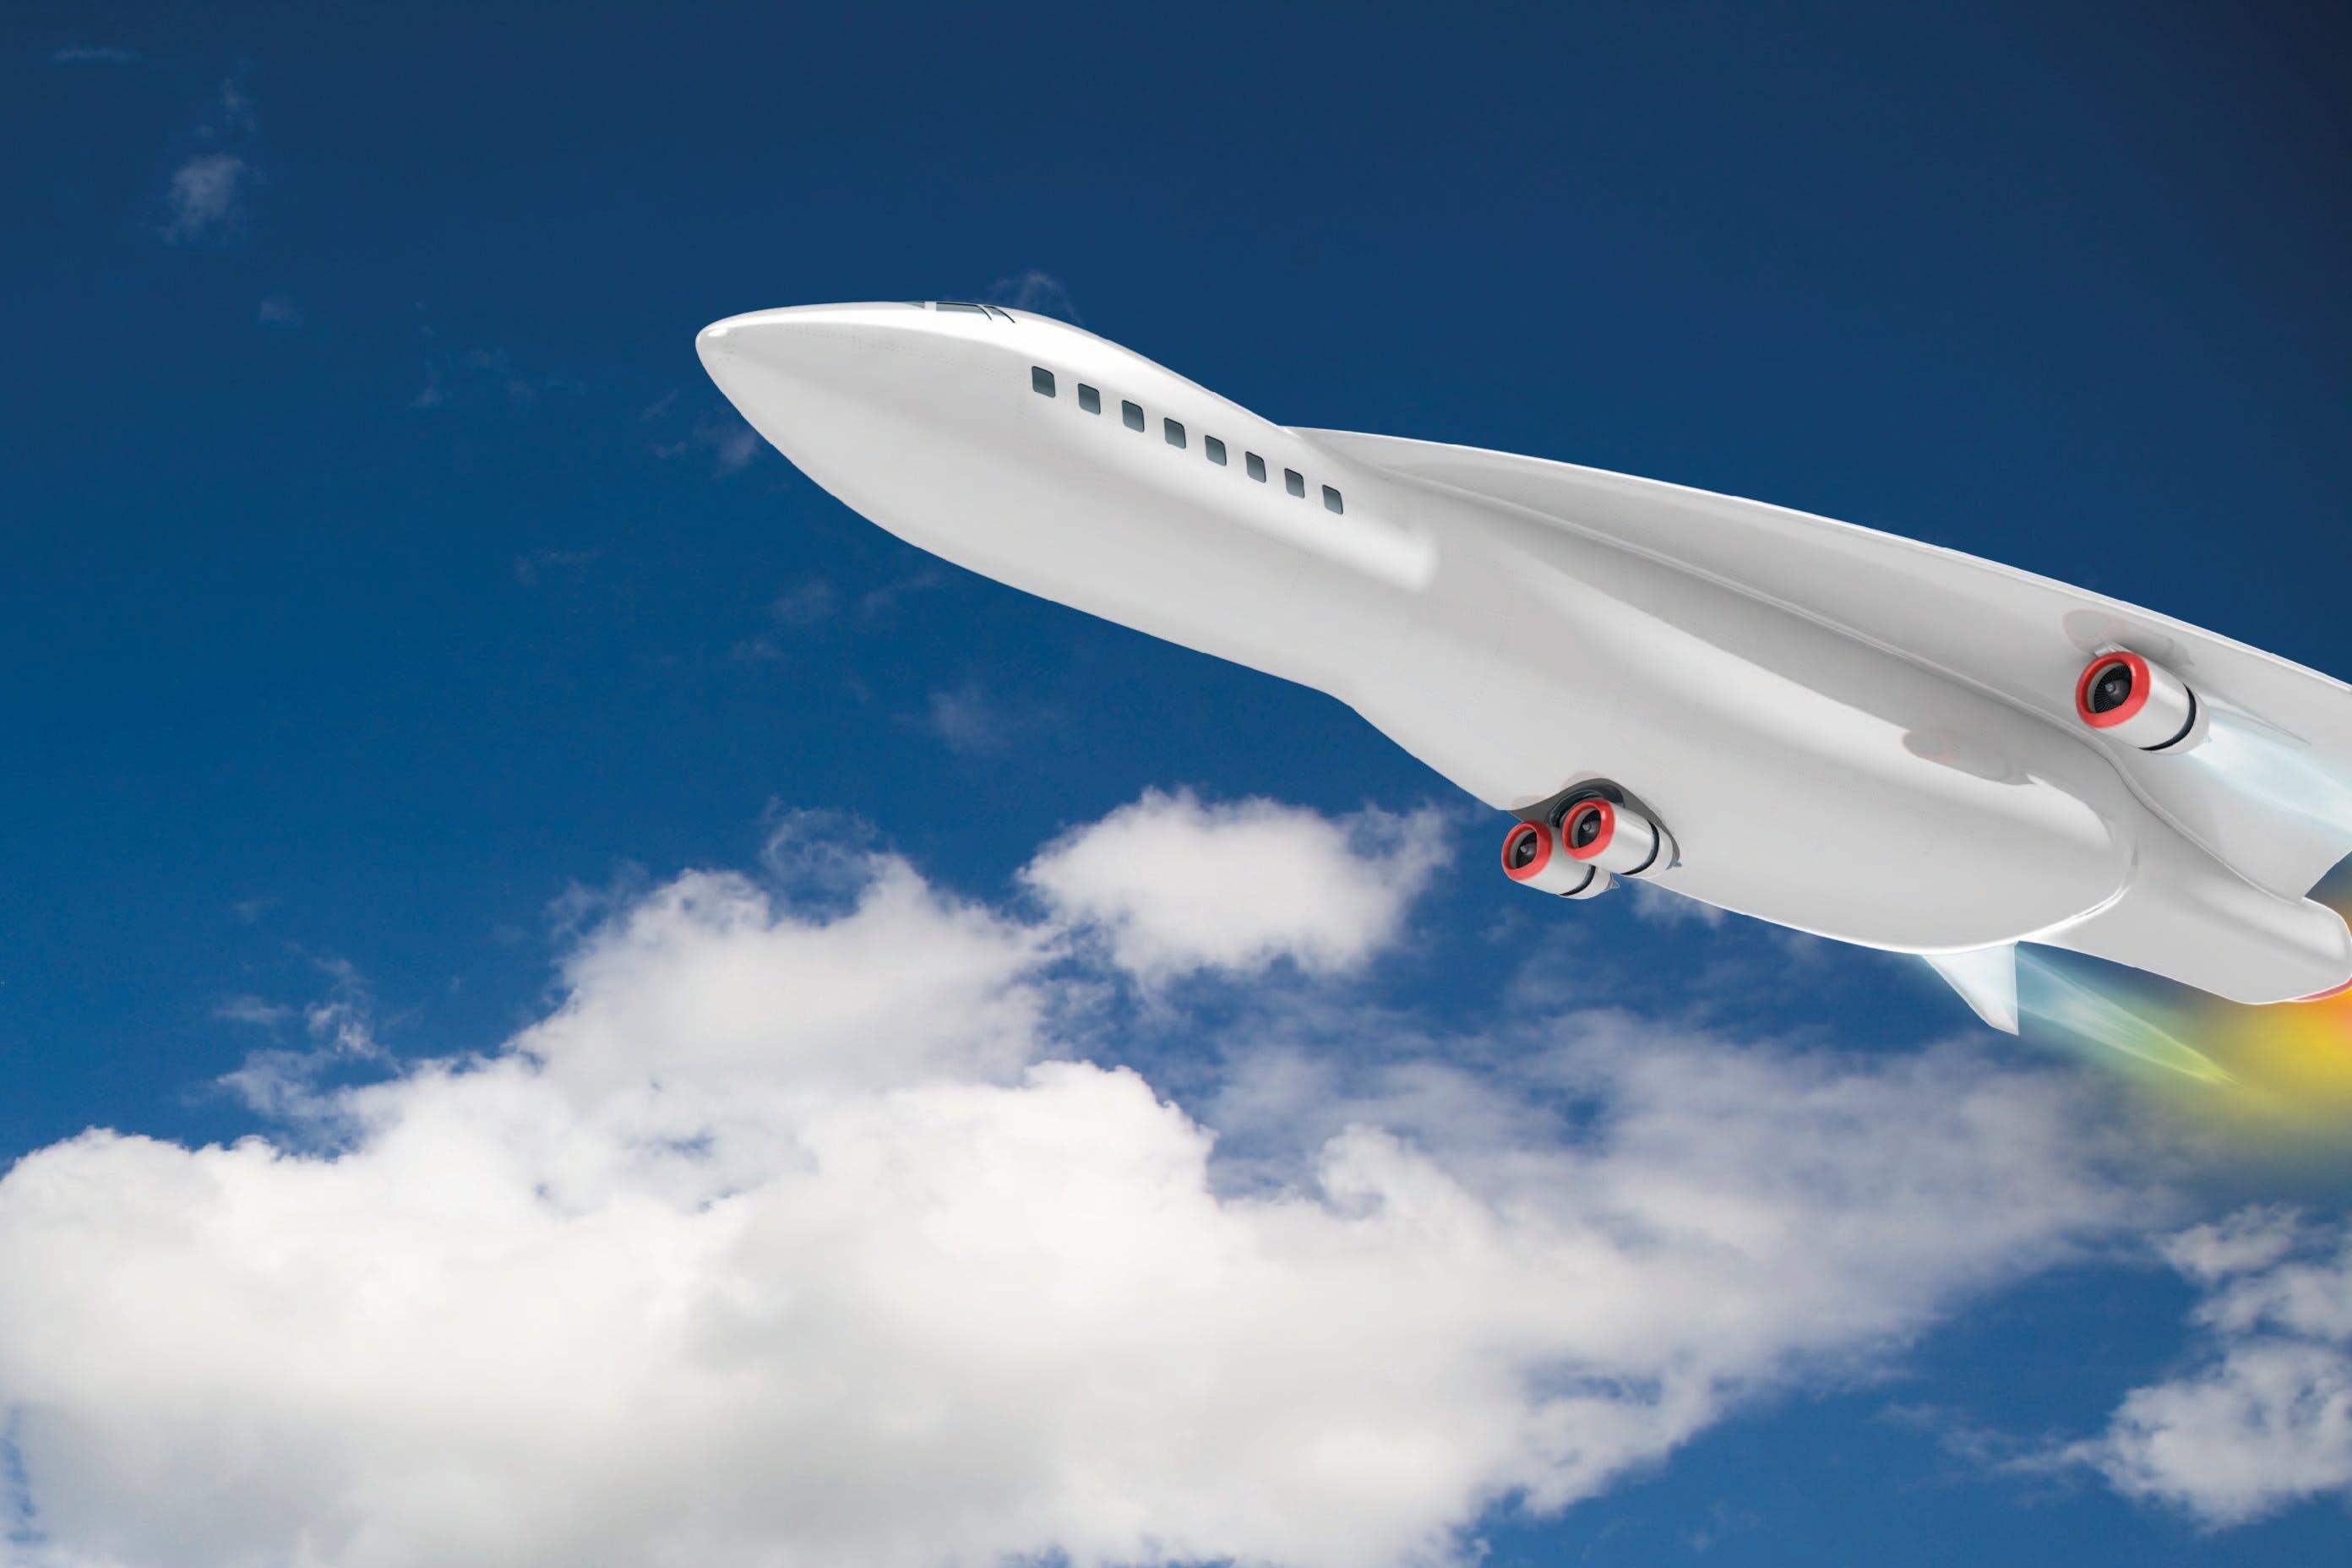 Airbusin kone lentää 5 500 km/h